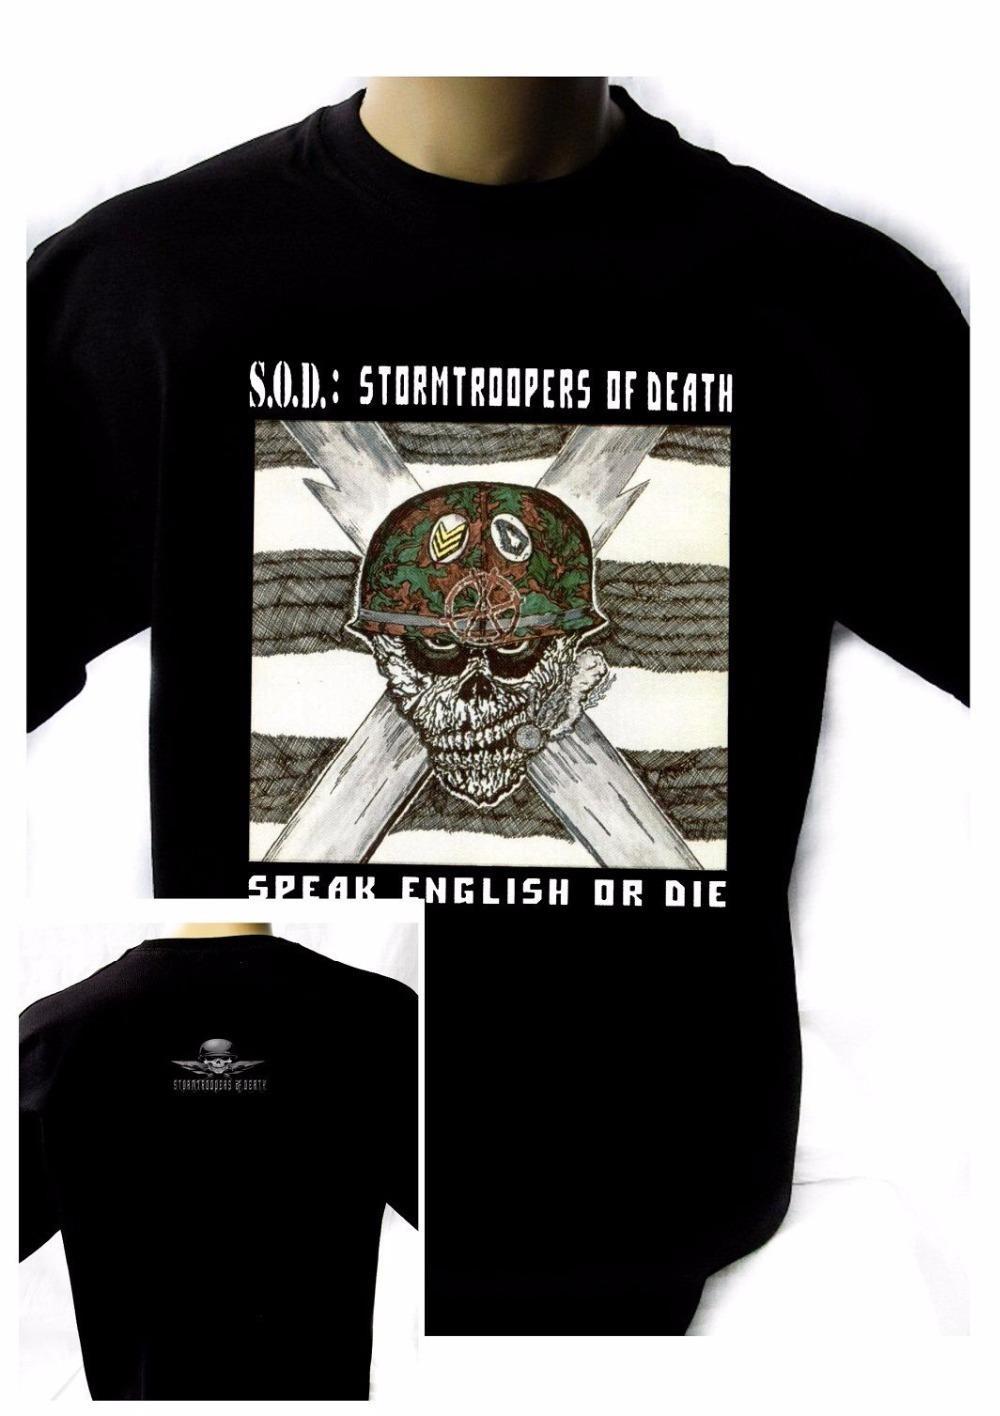 5ea0c4ed S.O.D. Stormtroopers Of Death'85 Black New T-Shirt Rock T-Shirt Rock ...